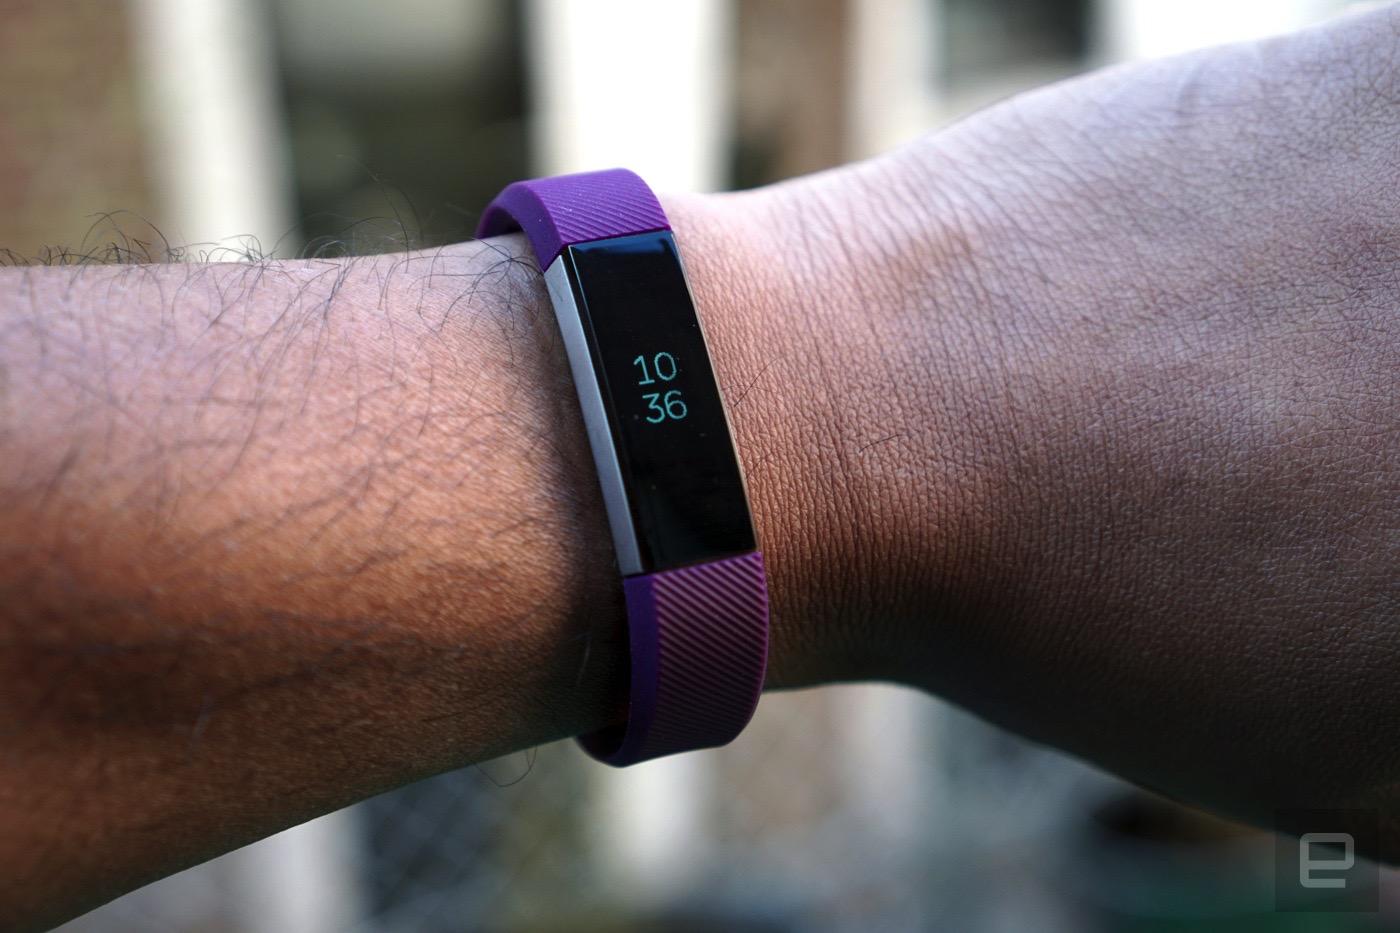 可穿戴设备市场排名 Fitbit 小米 苹果位列前三